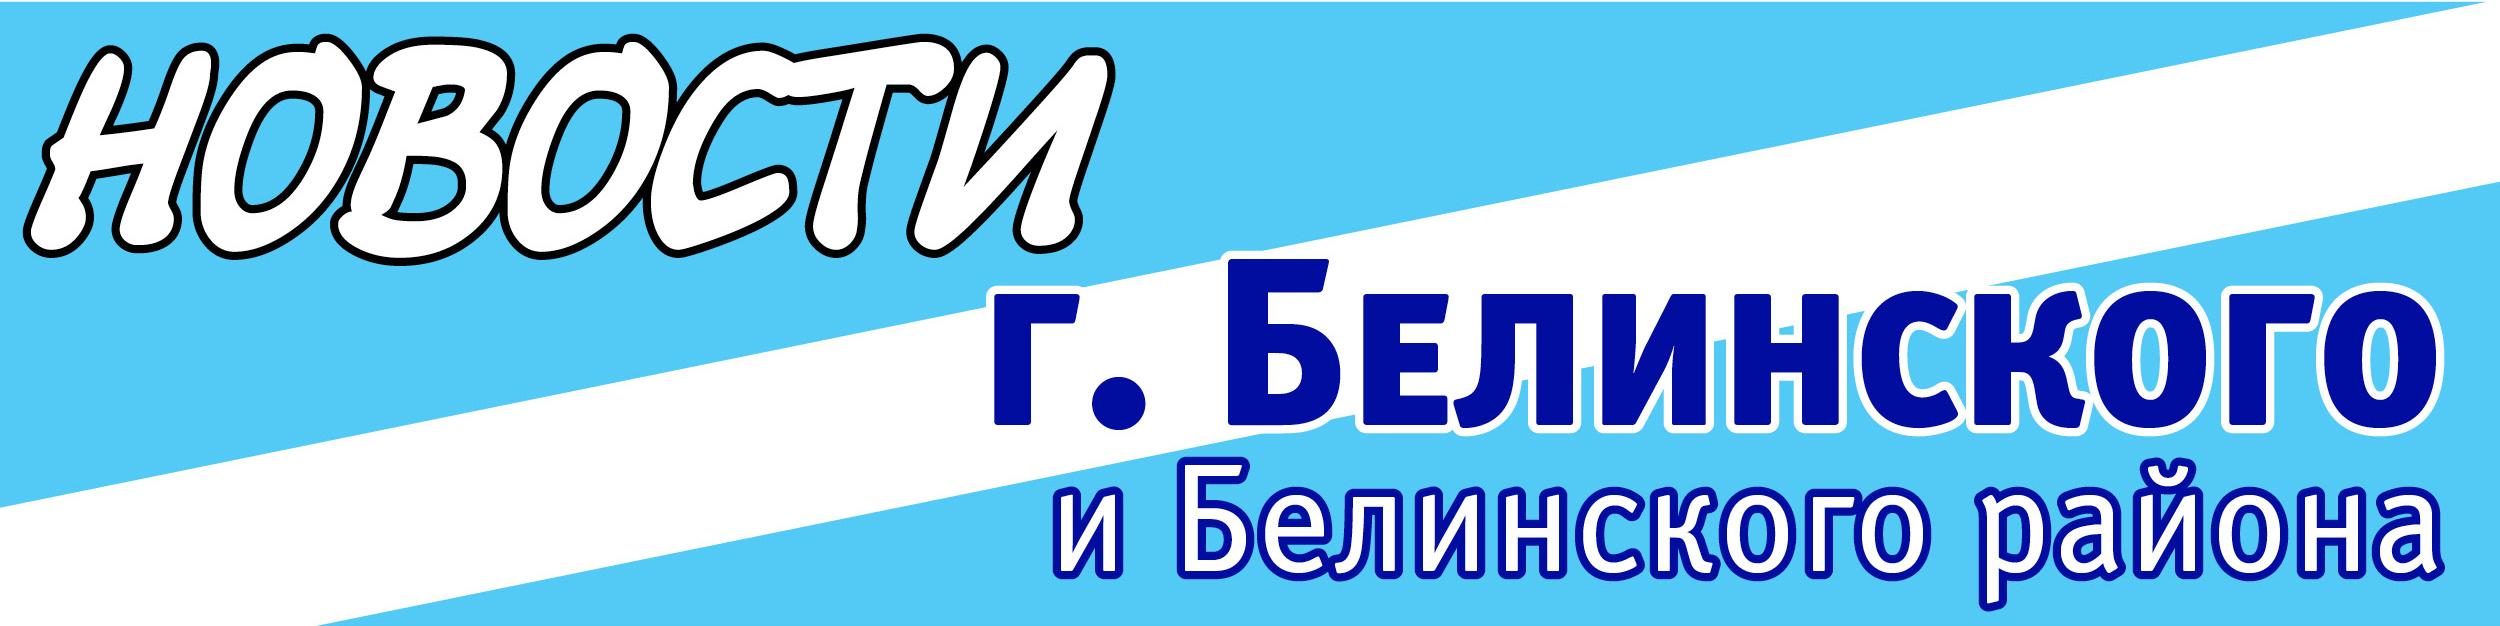 Новости турция против россии